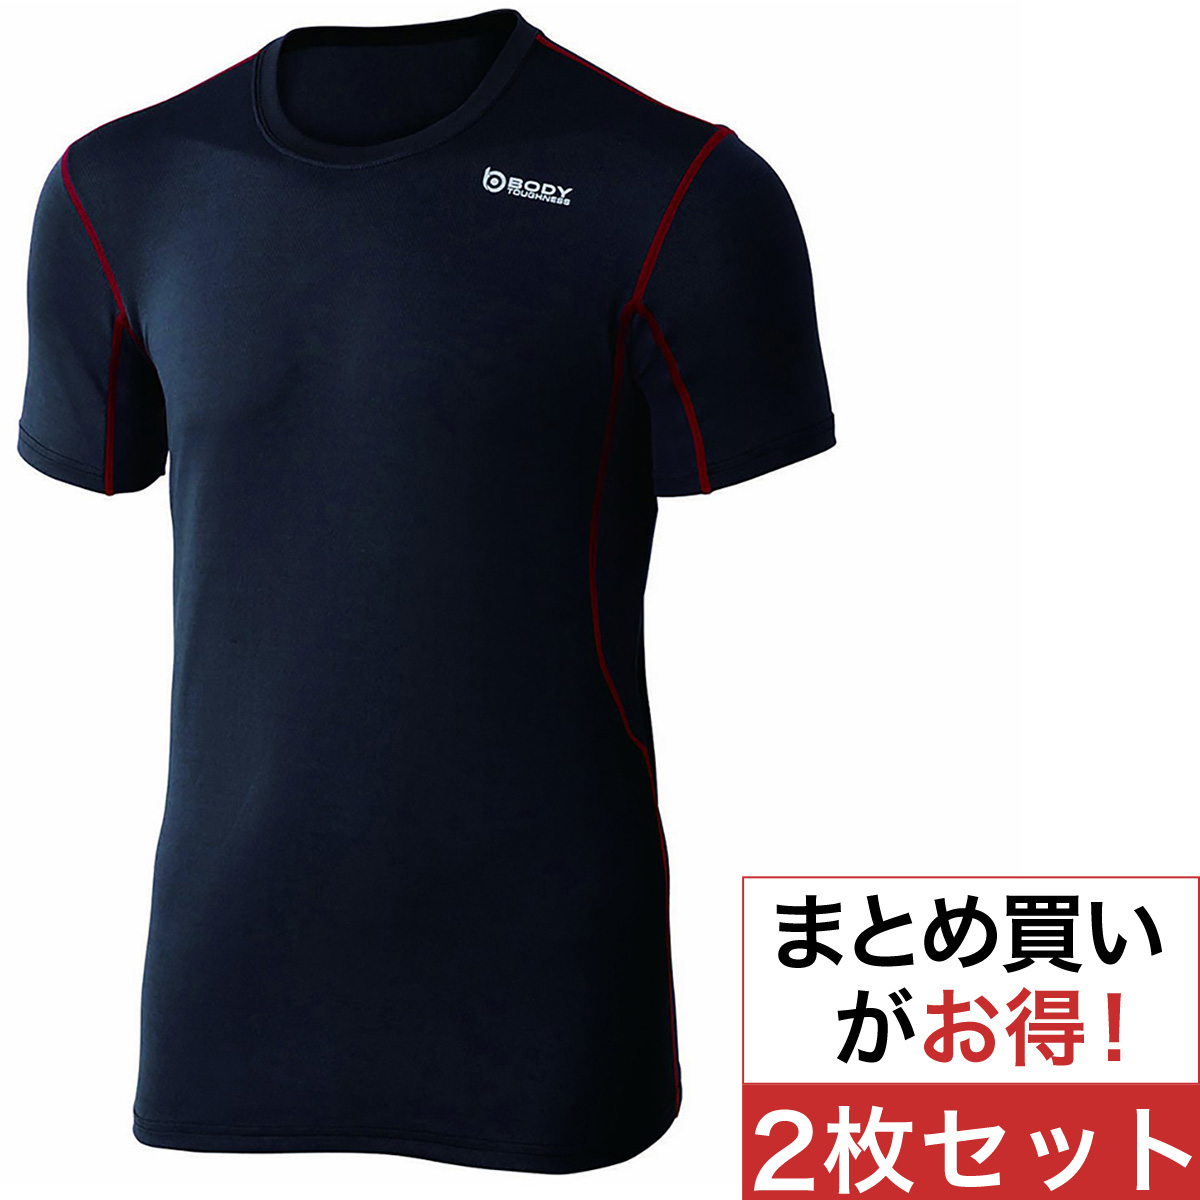 デュアルメッシュ ストレッチ半袖クルーネックインナーシャツ2枚セット